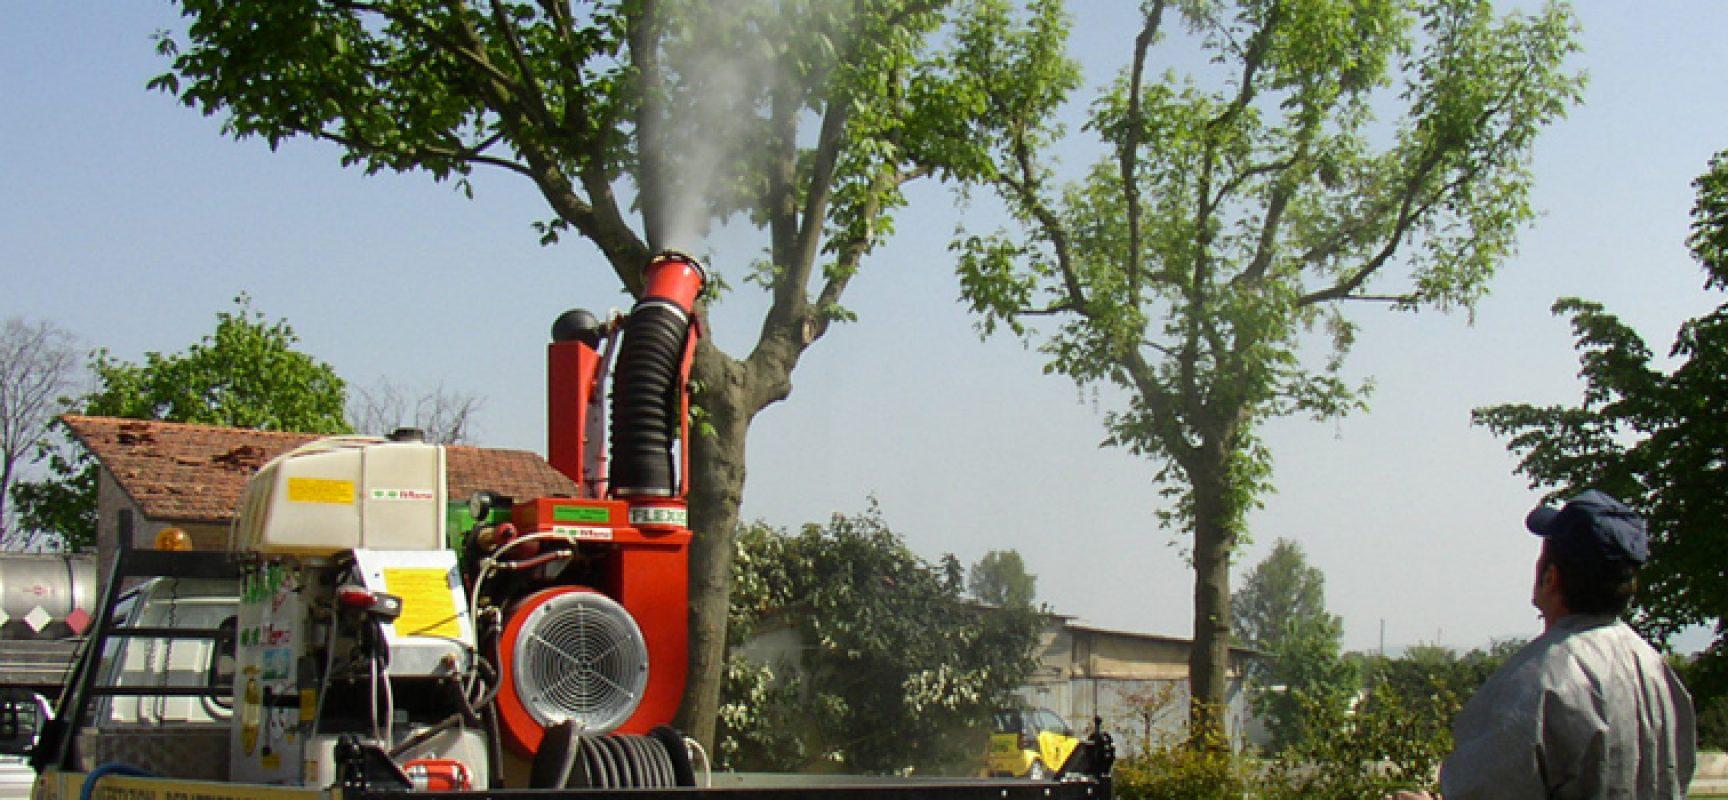 Mosche e zanzare, nuovo intervento di disinfestazione in tutta la città / QUANDO